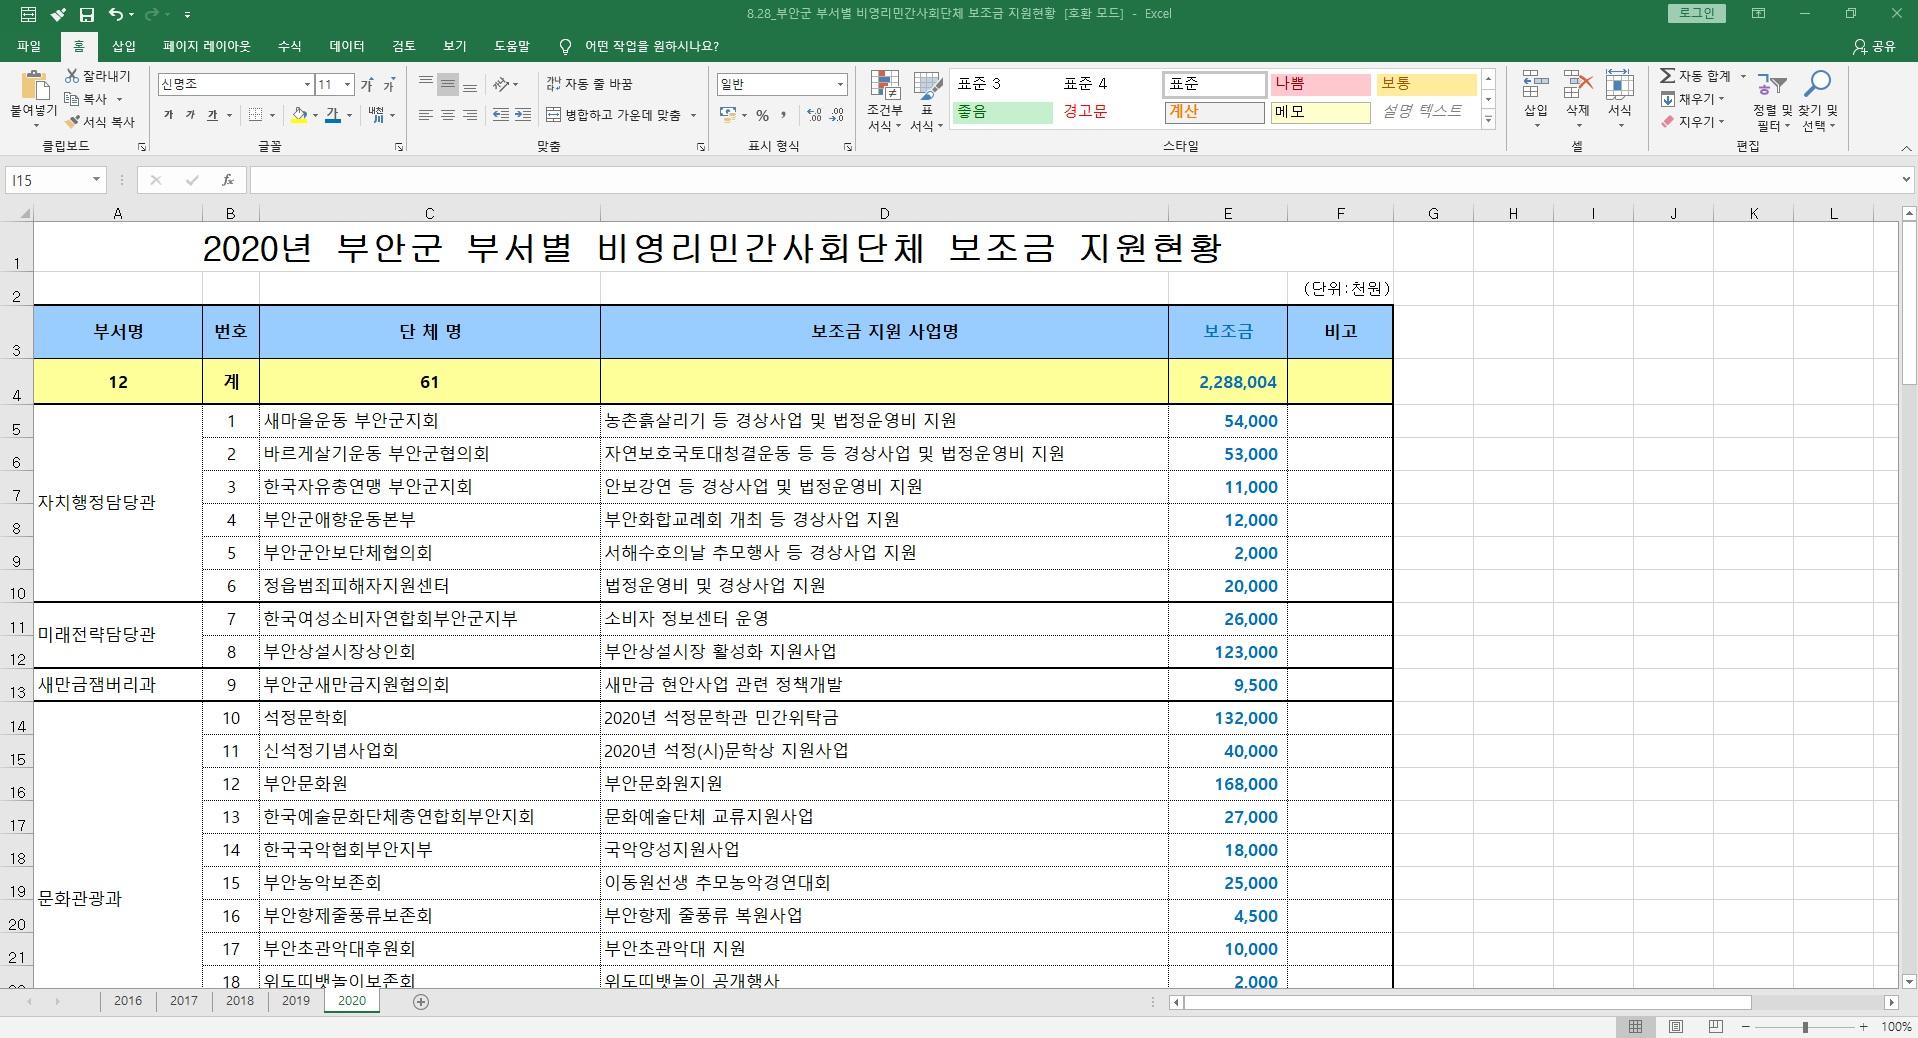 8.28_20.8.25_부안군 부서별 비영리민간사회단체 보조금 지원현황.jpg